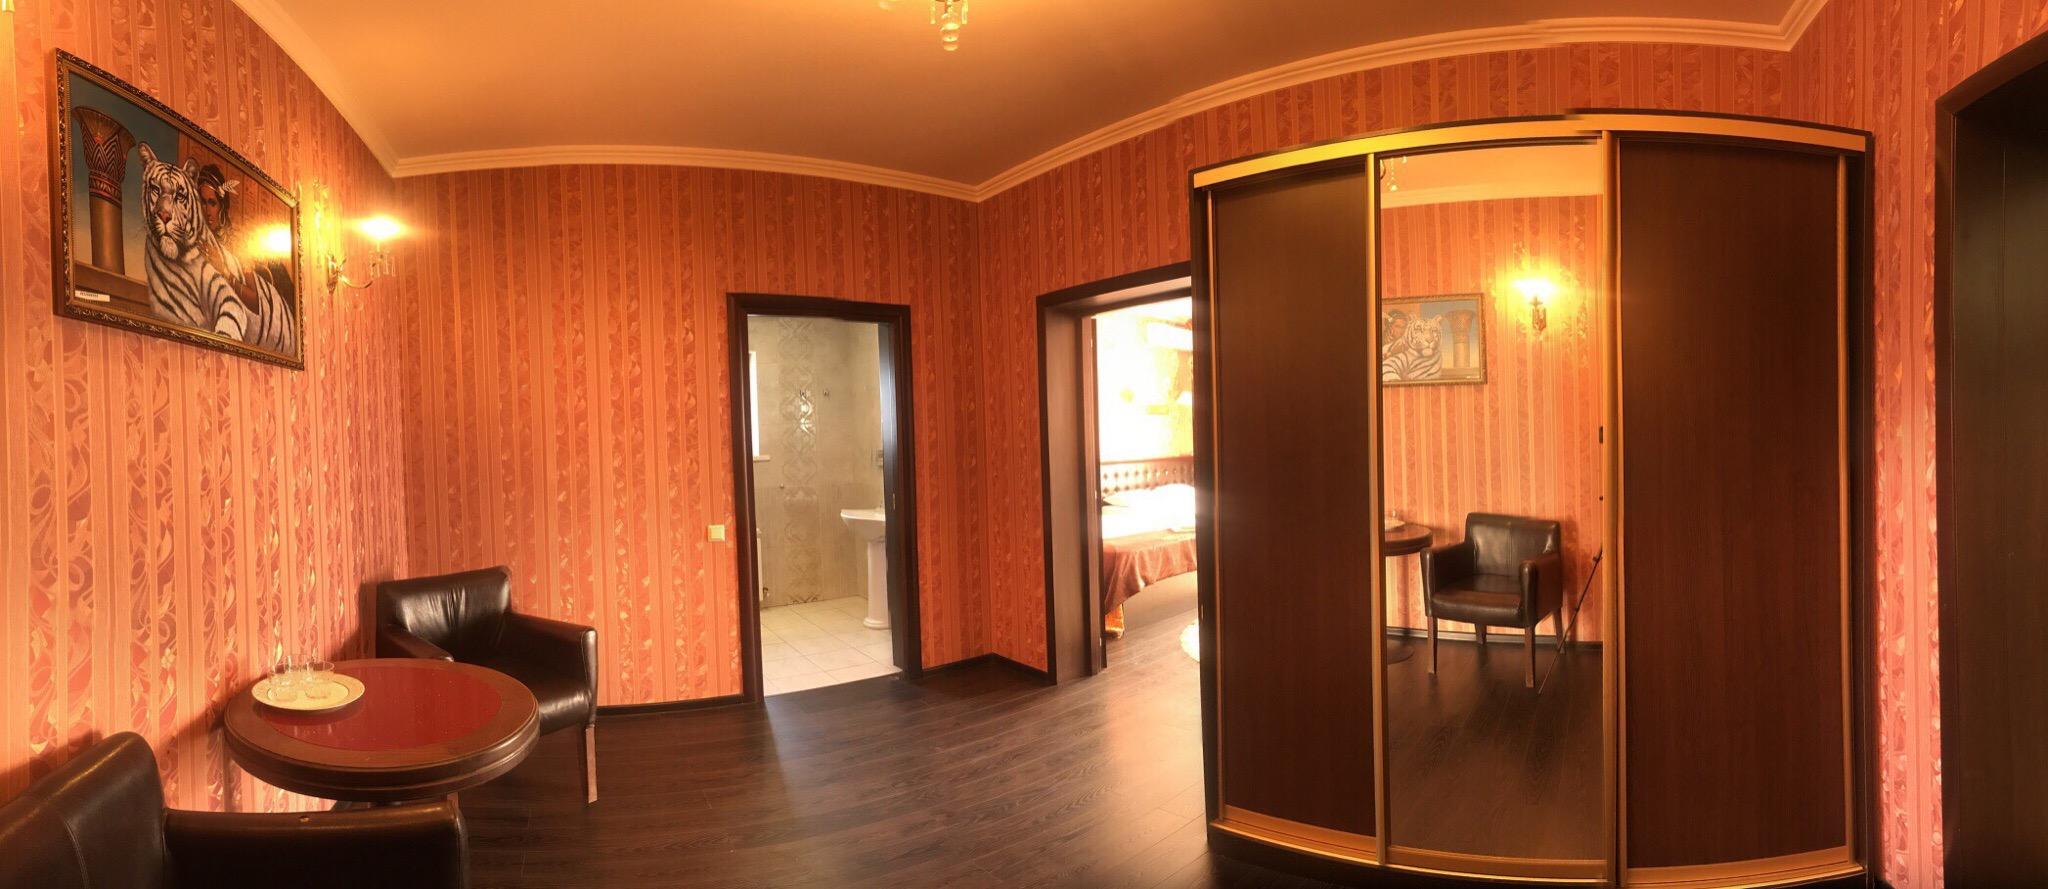 Номер люкс в отеле Визит